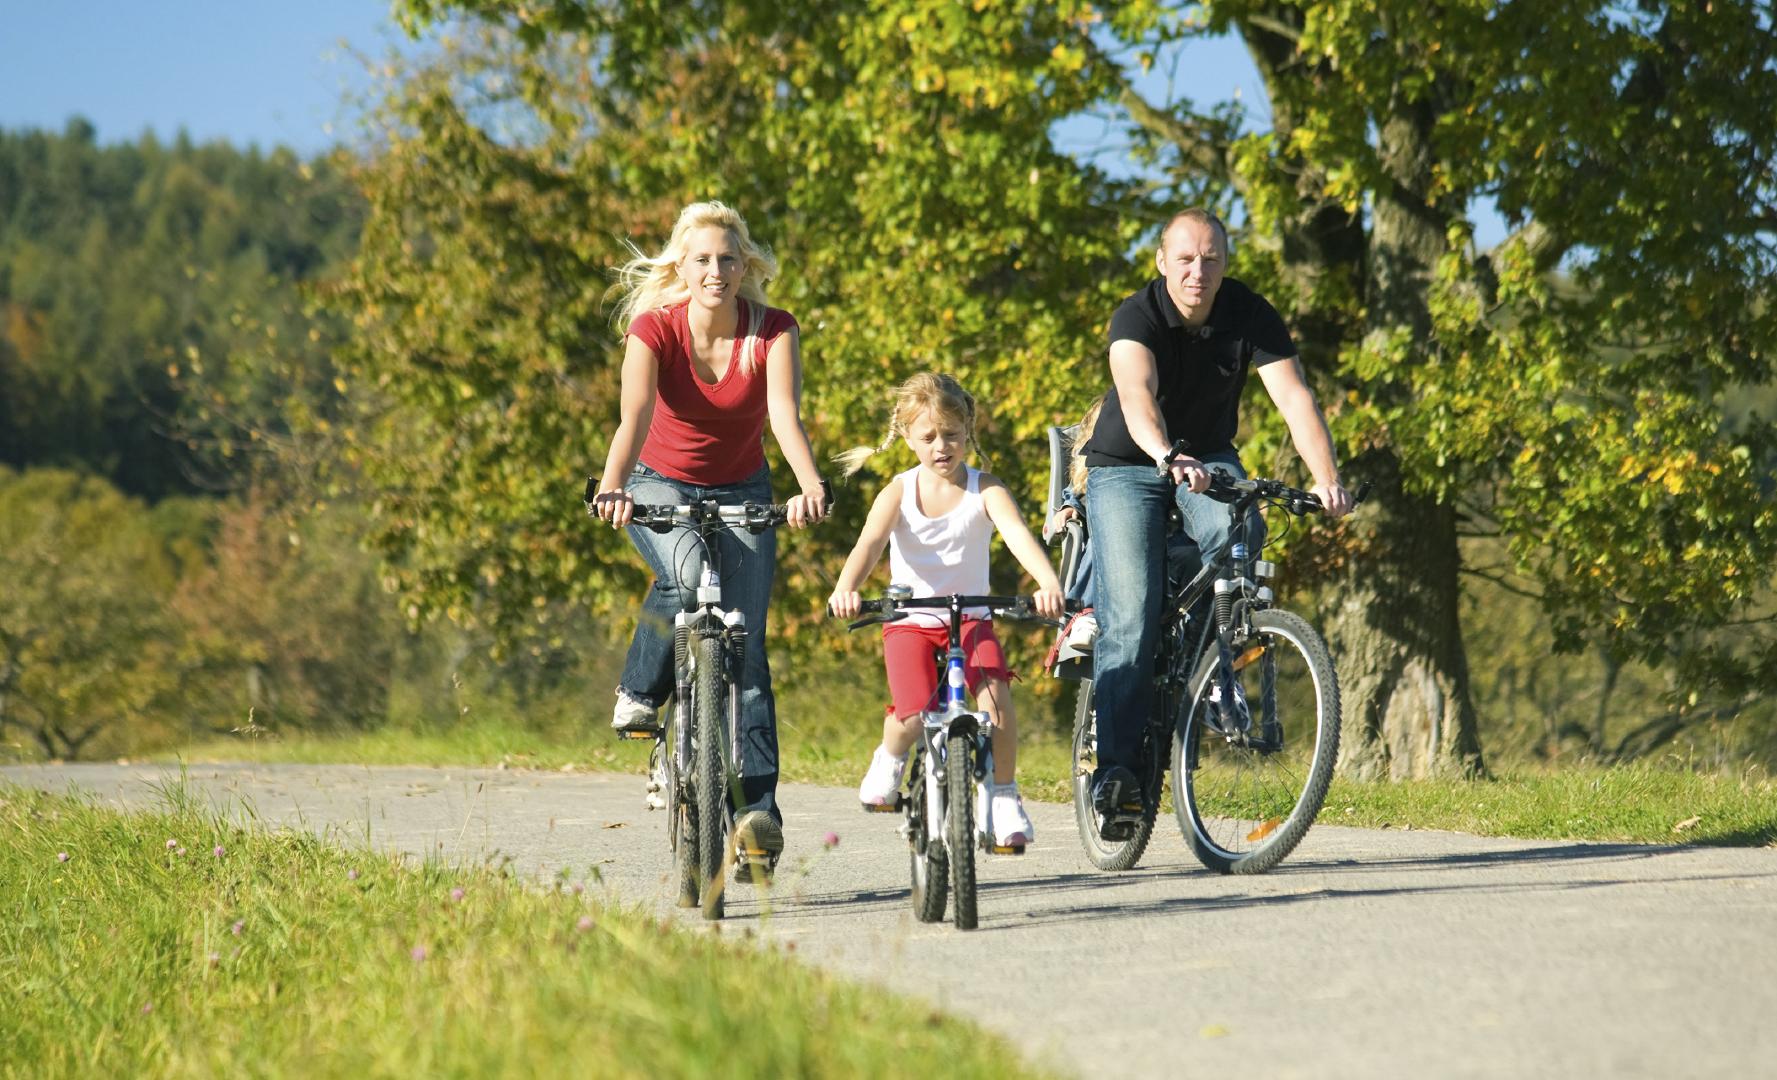 http://otsl.pbworks.com/f/1328549525/family-biking.jpg